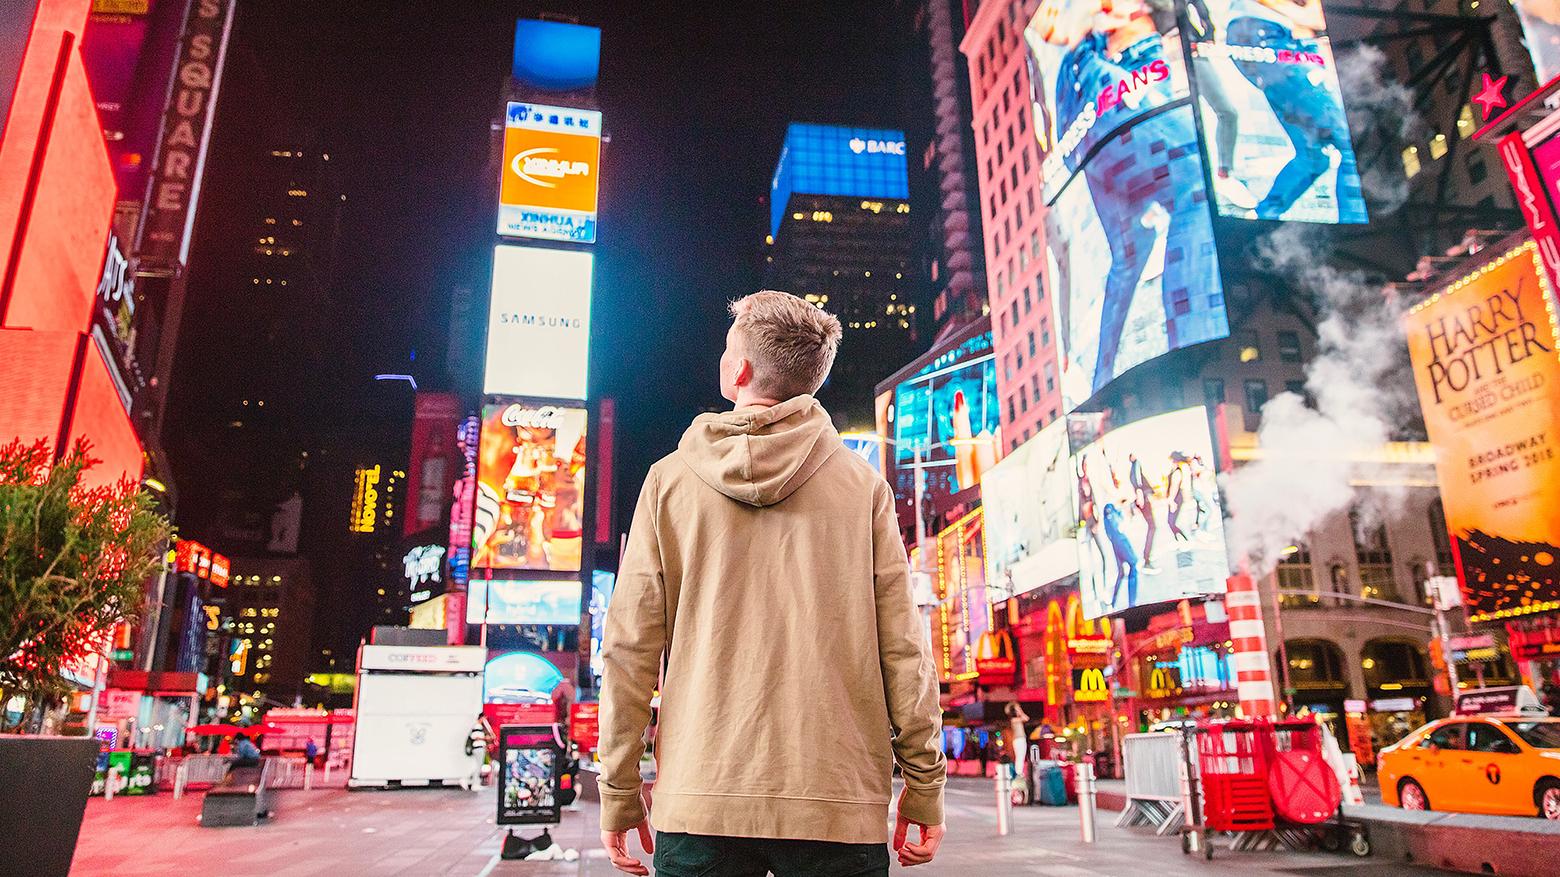 Будущее рекламы в фильмах и видеороликах